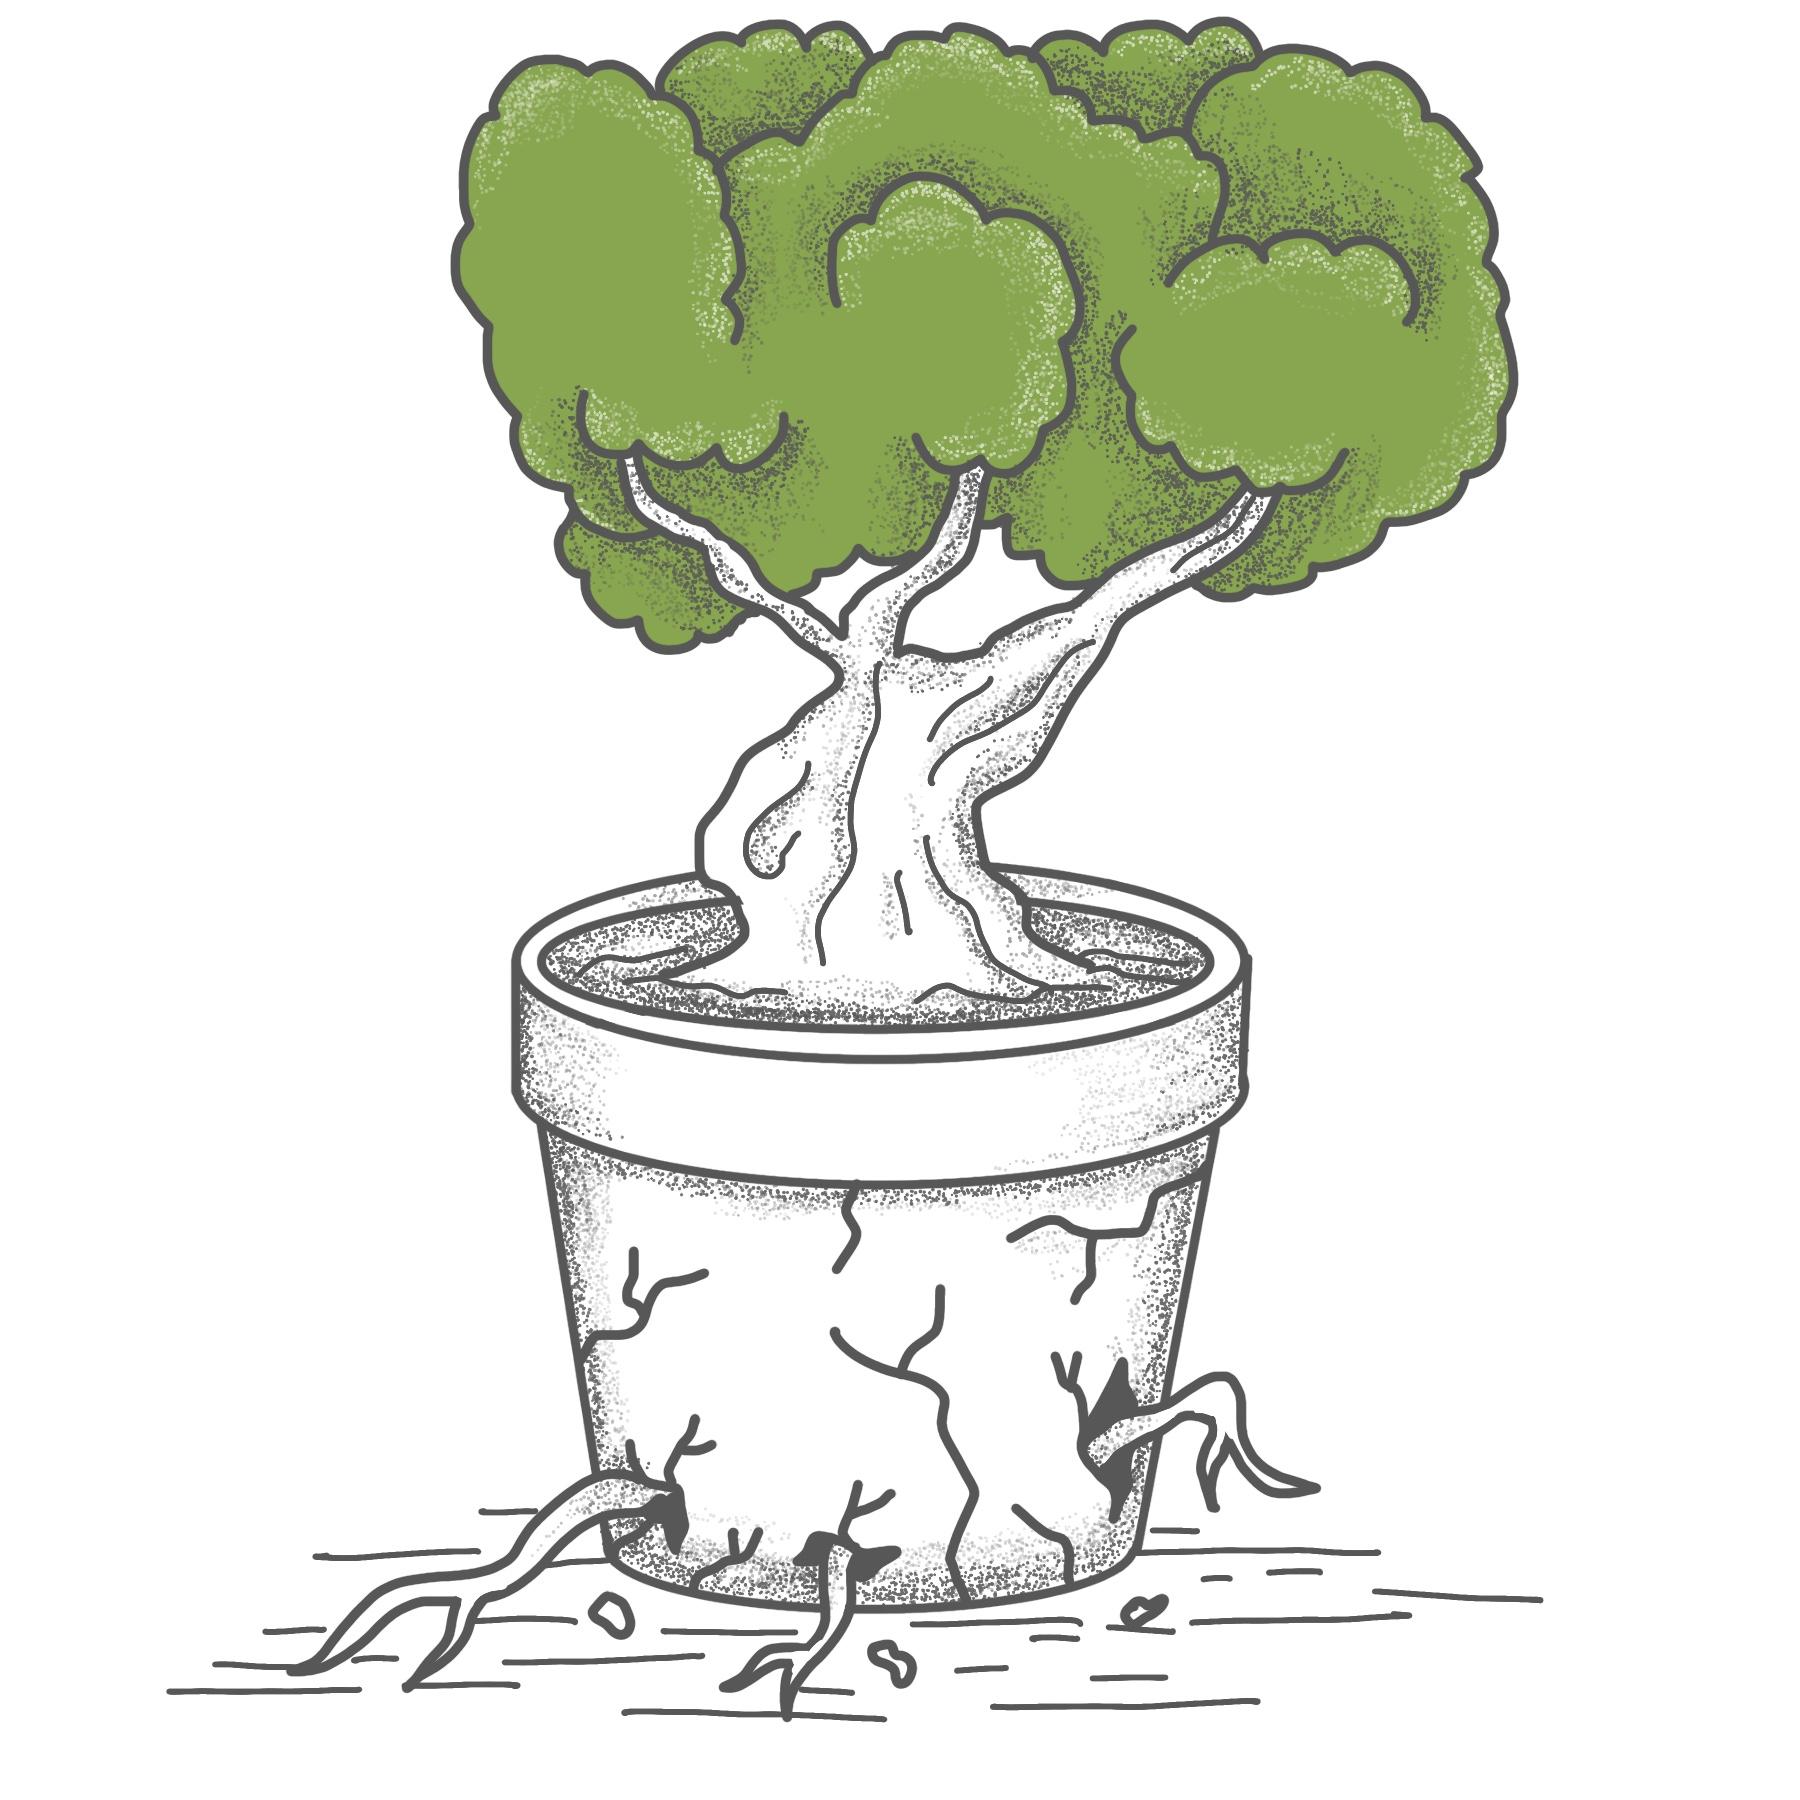 - Quand la plante est assez solide, nous pouvons la replanter dans l'environnement qui lui correspond le mieux (jardin, ville, maison, forêt,...).